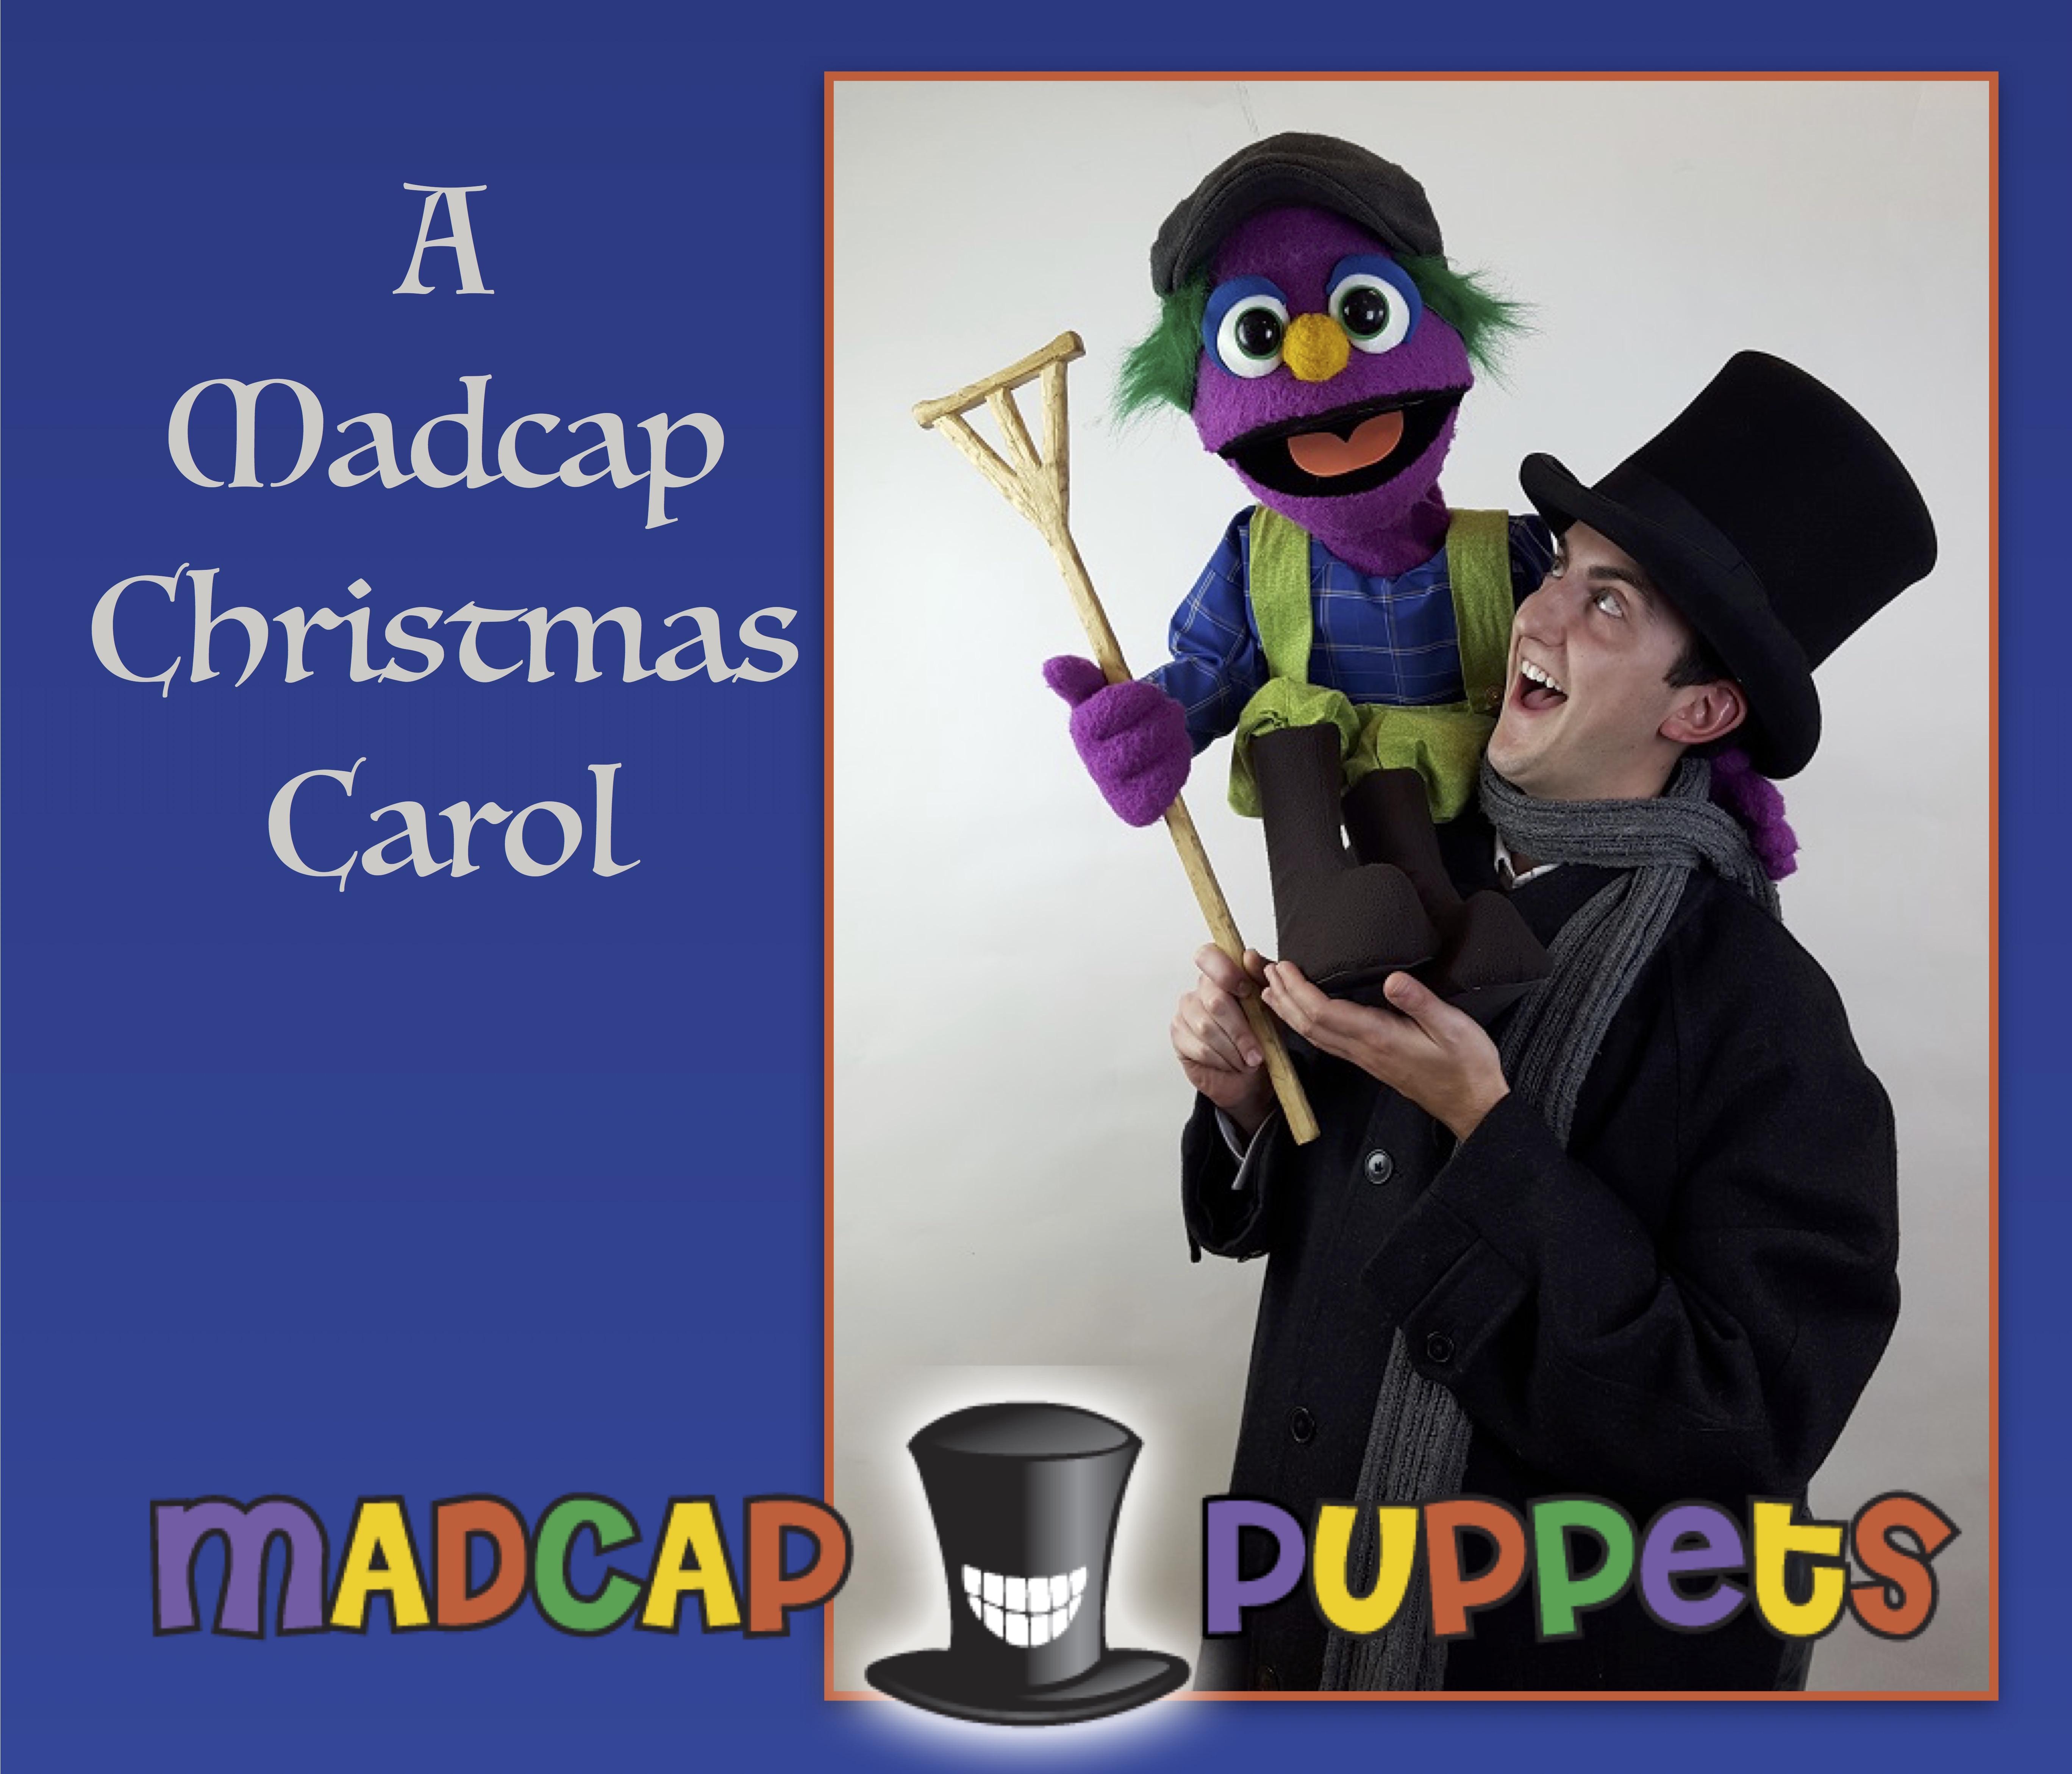 Image Result For Christmas Carol Tiny Tim Puppet: A Madcap Christmas Carol